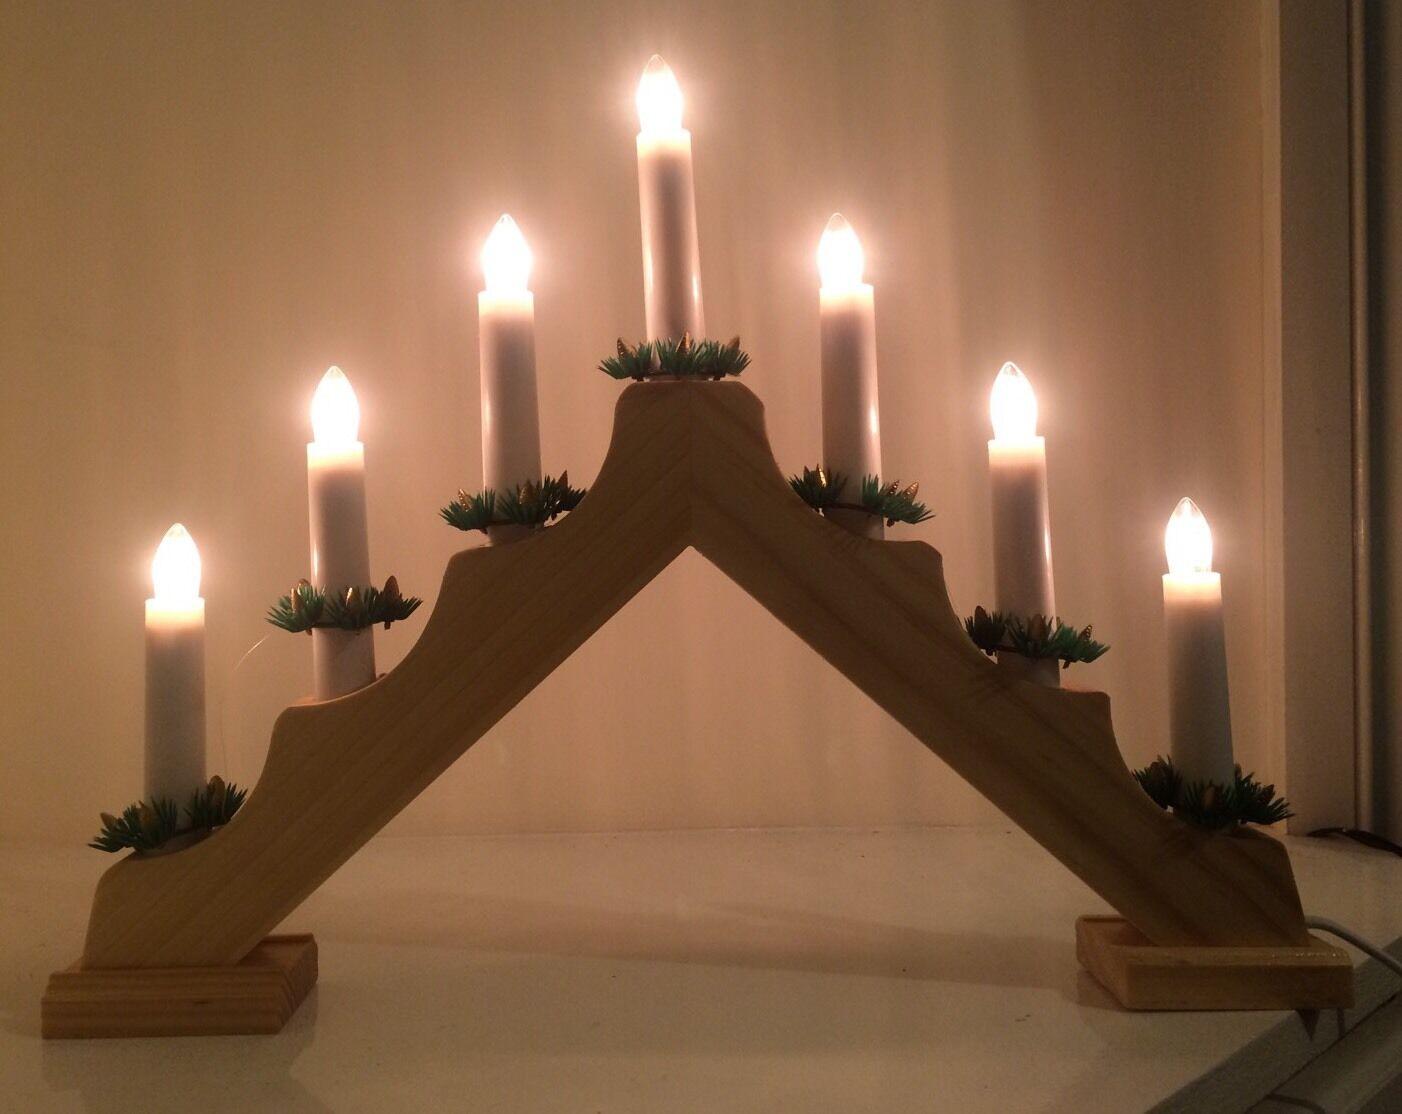 7 lightwooden pont de lumières bougie lumières de de Noël Fenêtre Décoration / Femmetlepiece / mains df7737